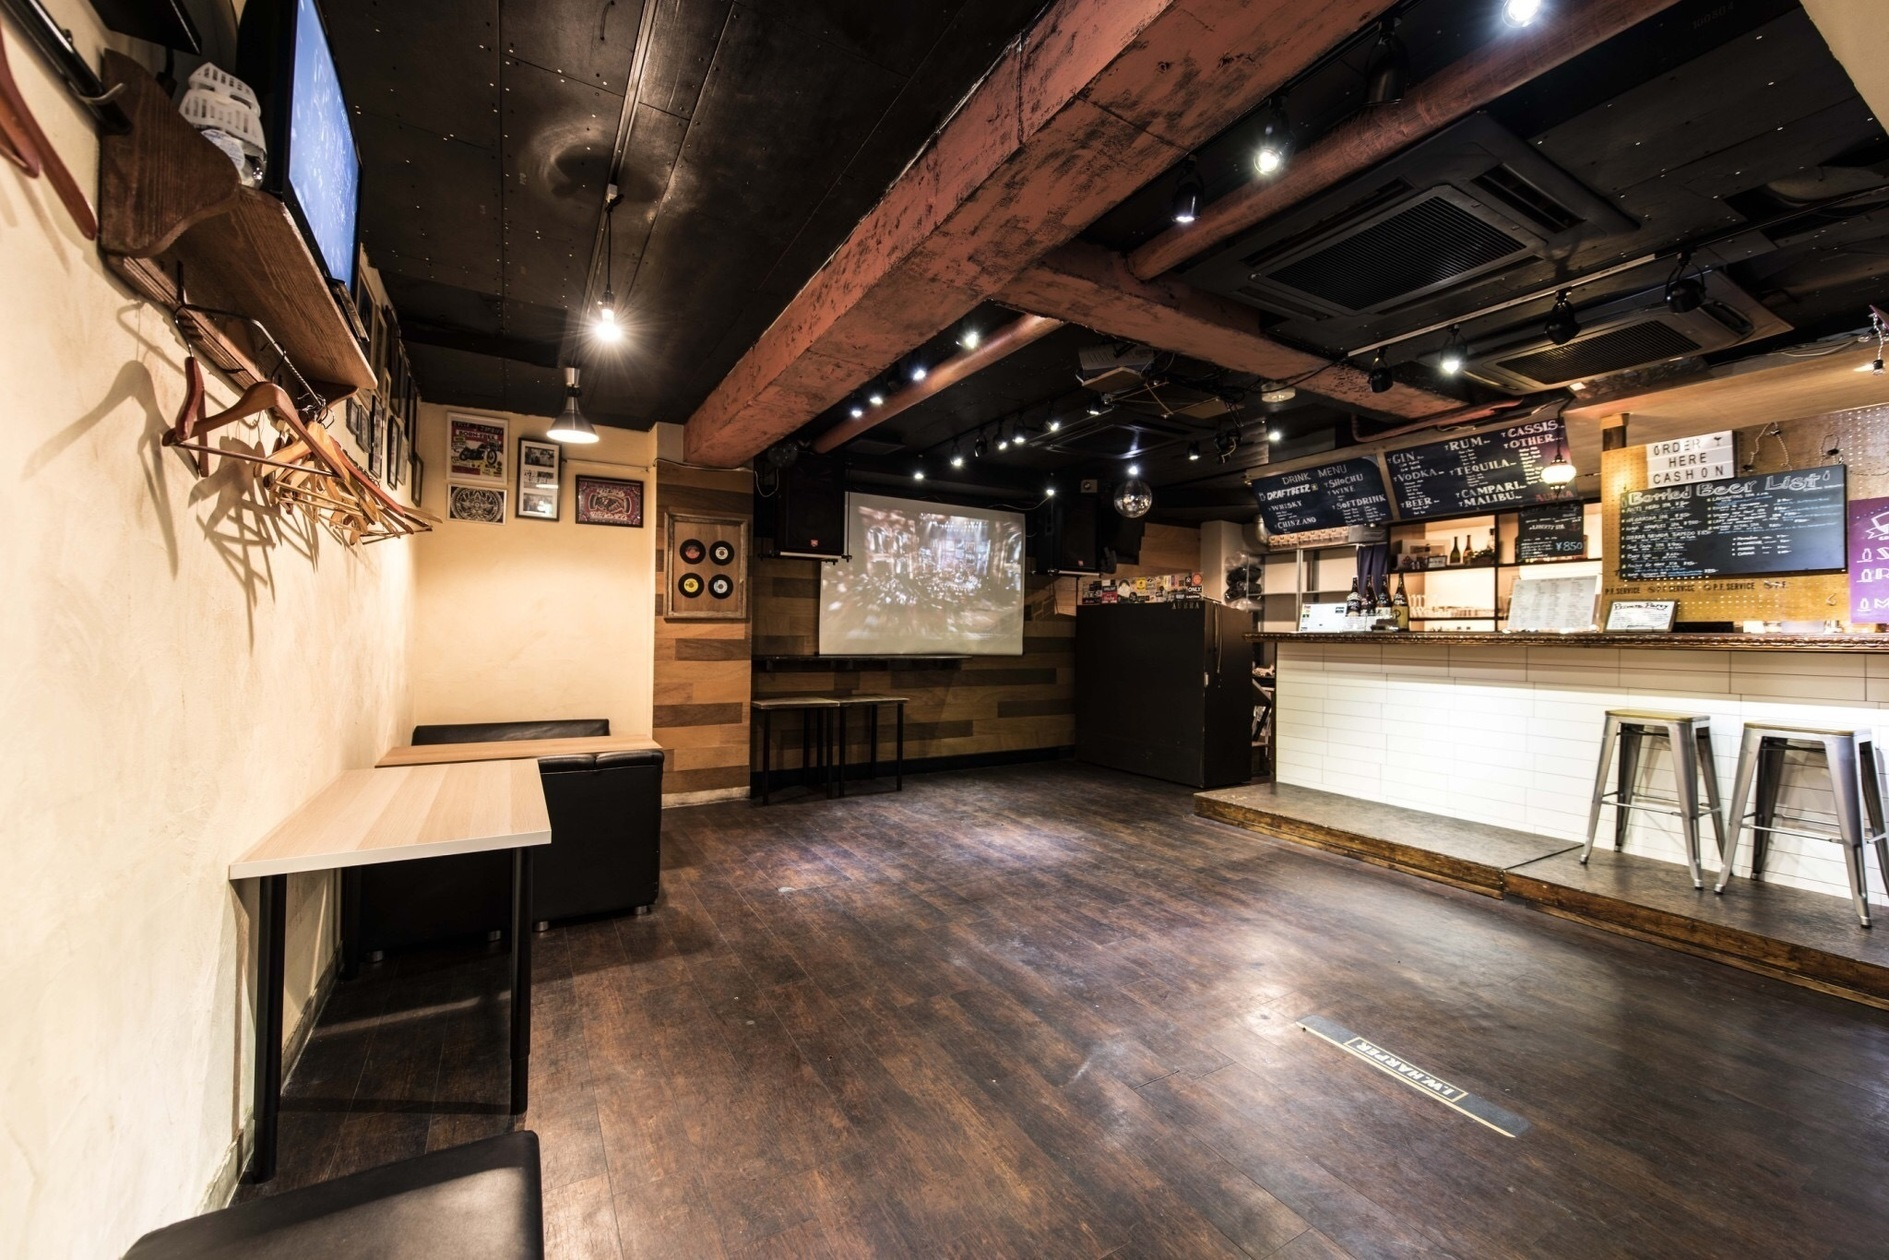 渋谷駅3分!アクセス抜群な閑静なエリア 音響・防音完備スペース 大型スクリーン、wifiあります(Shibuya Aurra) の写真0